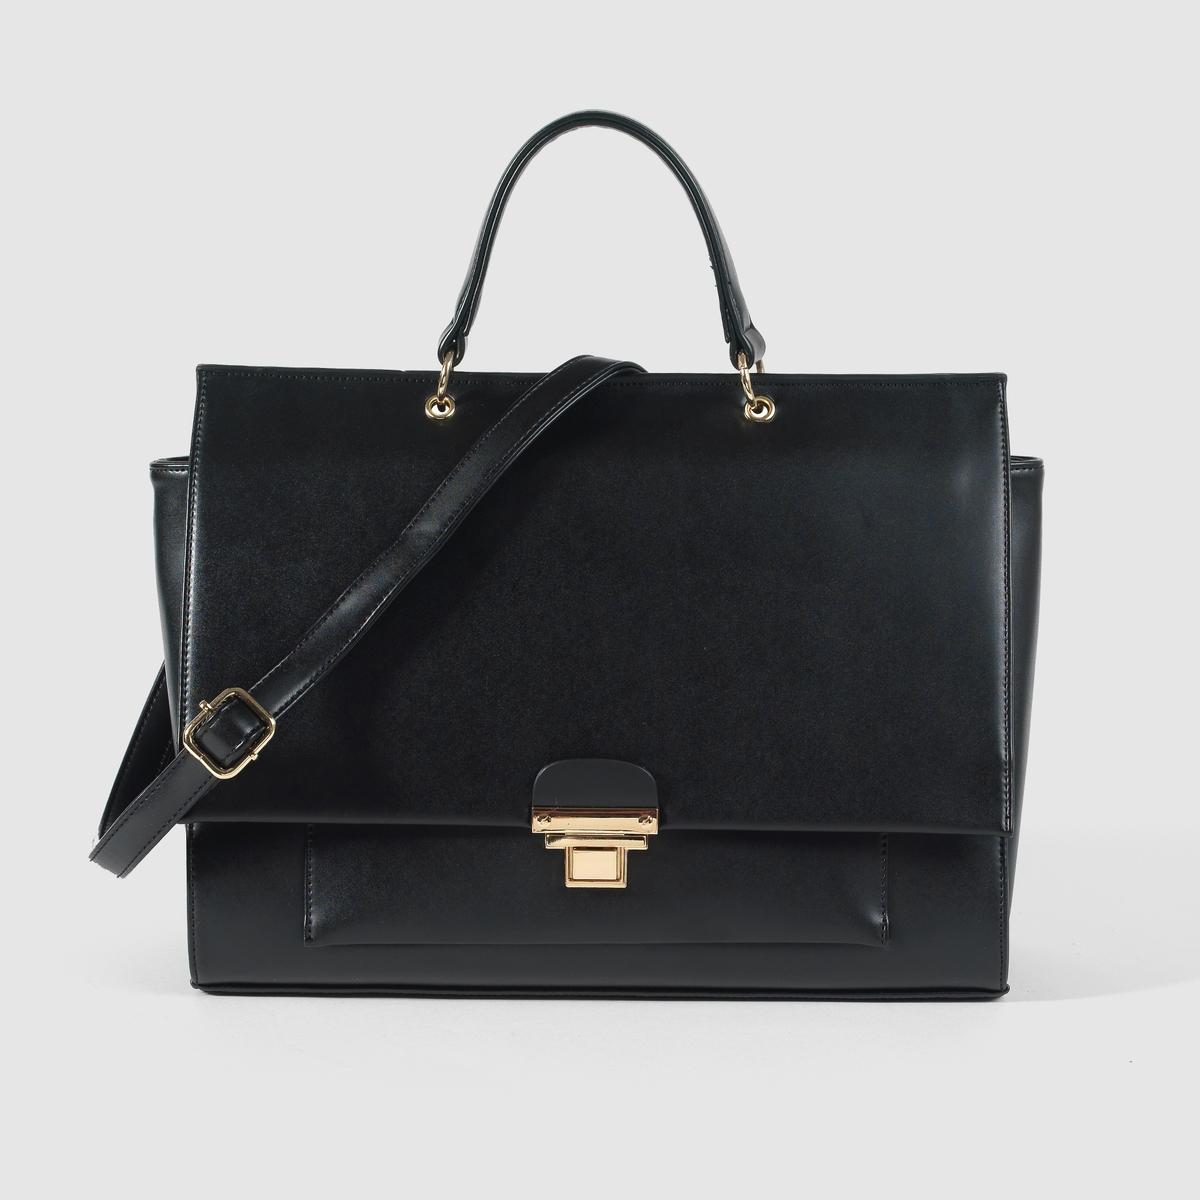 ПортфельПреимущества : прочный портфель, идеальный для ежедневного ношения, элегантный дизайн и тщательная отделка.<br><br>Цвет: черный<br>Размер: единый размер